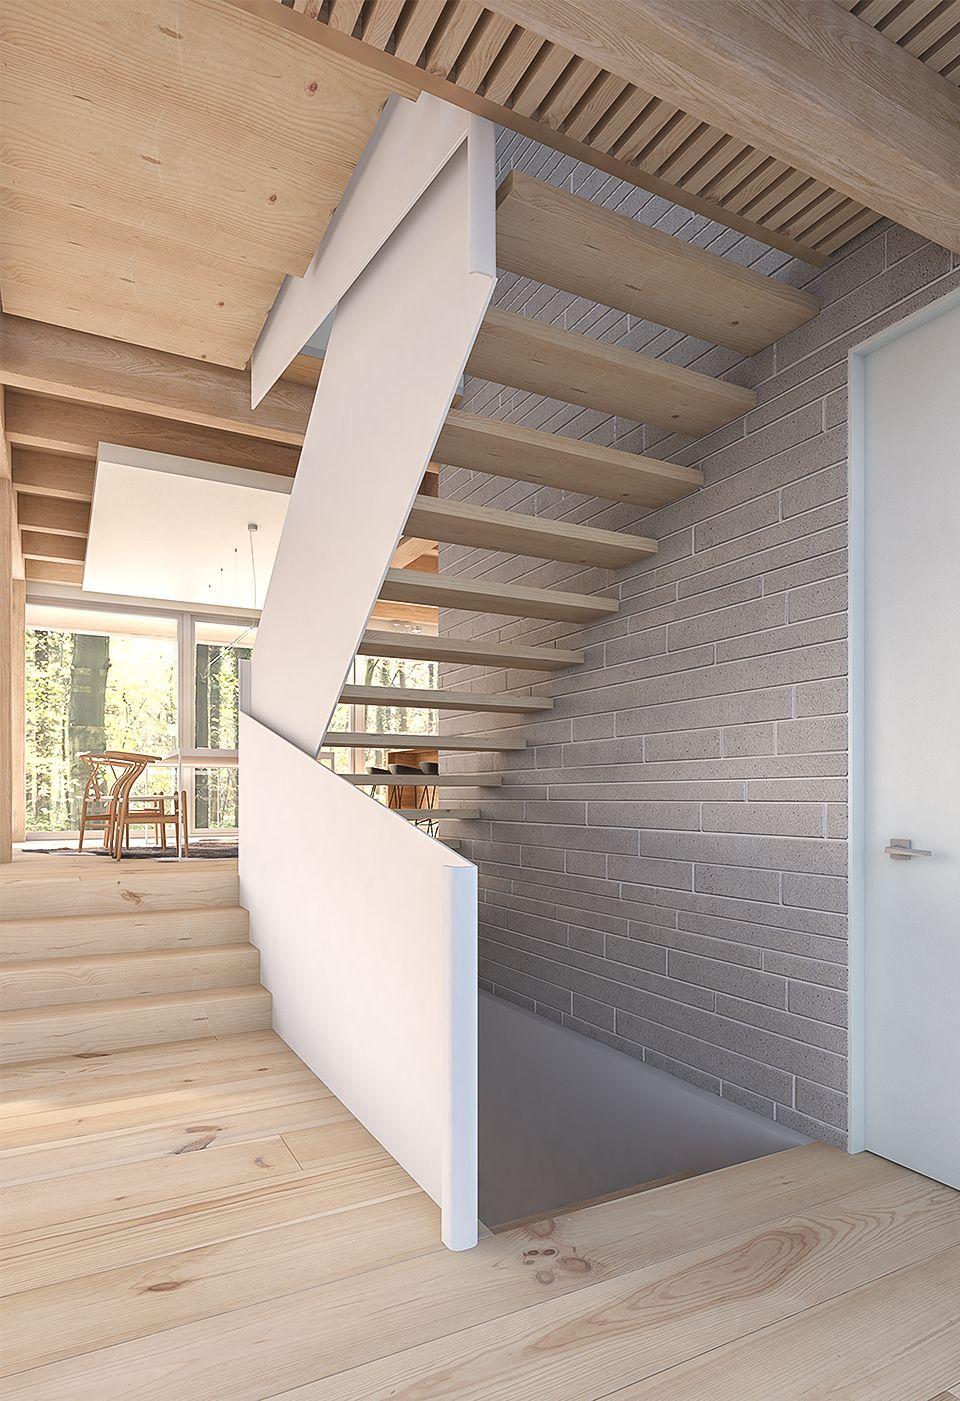 exo | Evolution architecture, Plans maison de ferme, Interieur maison design